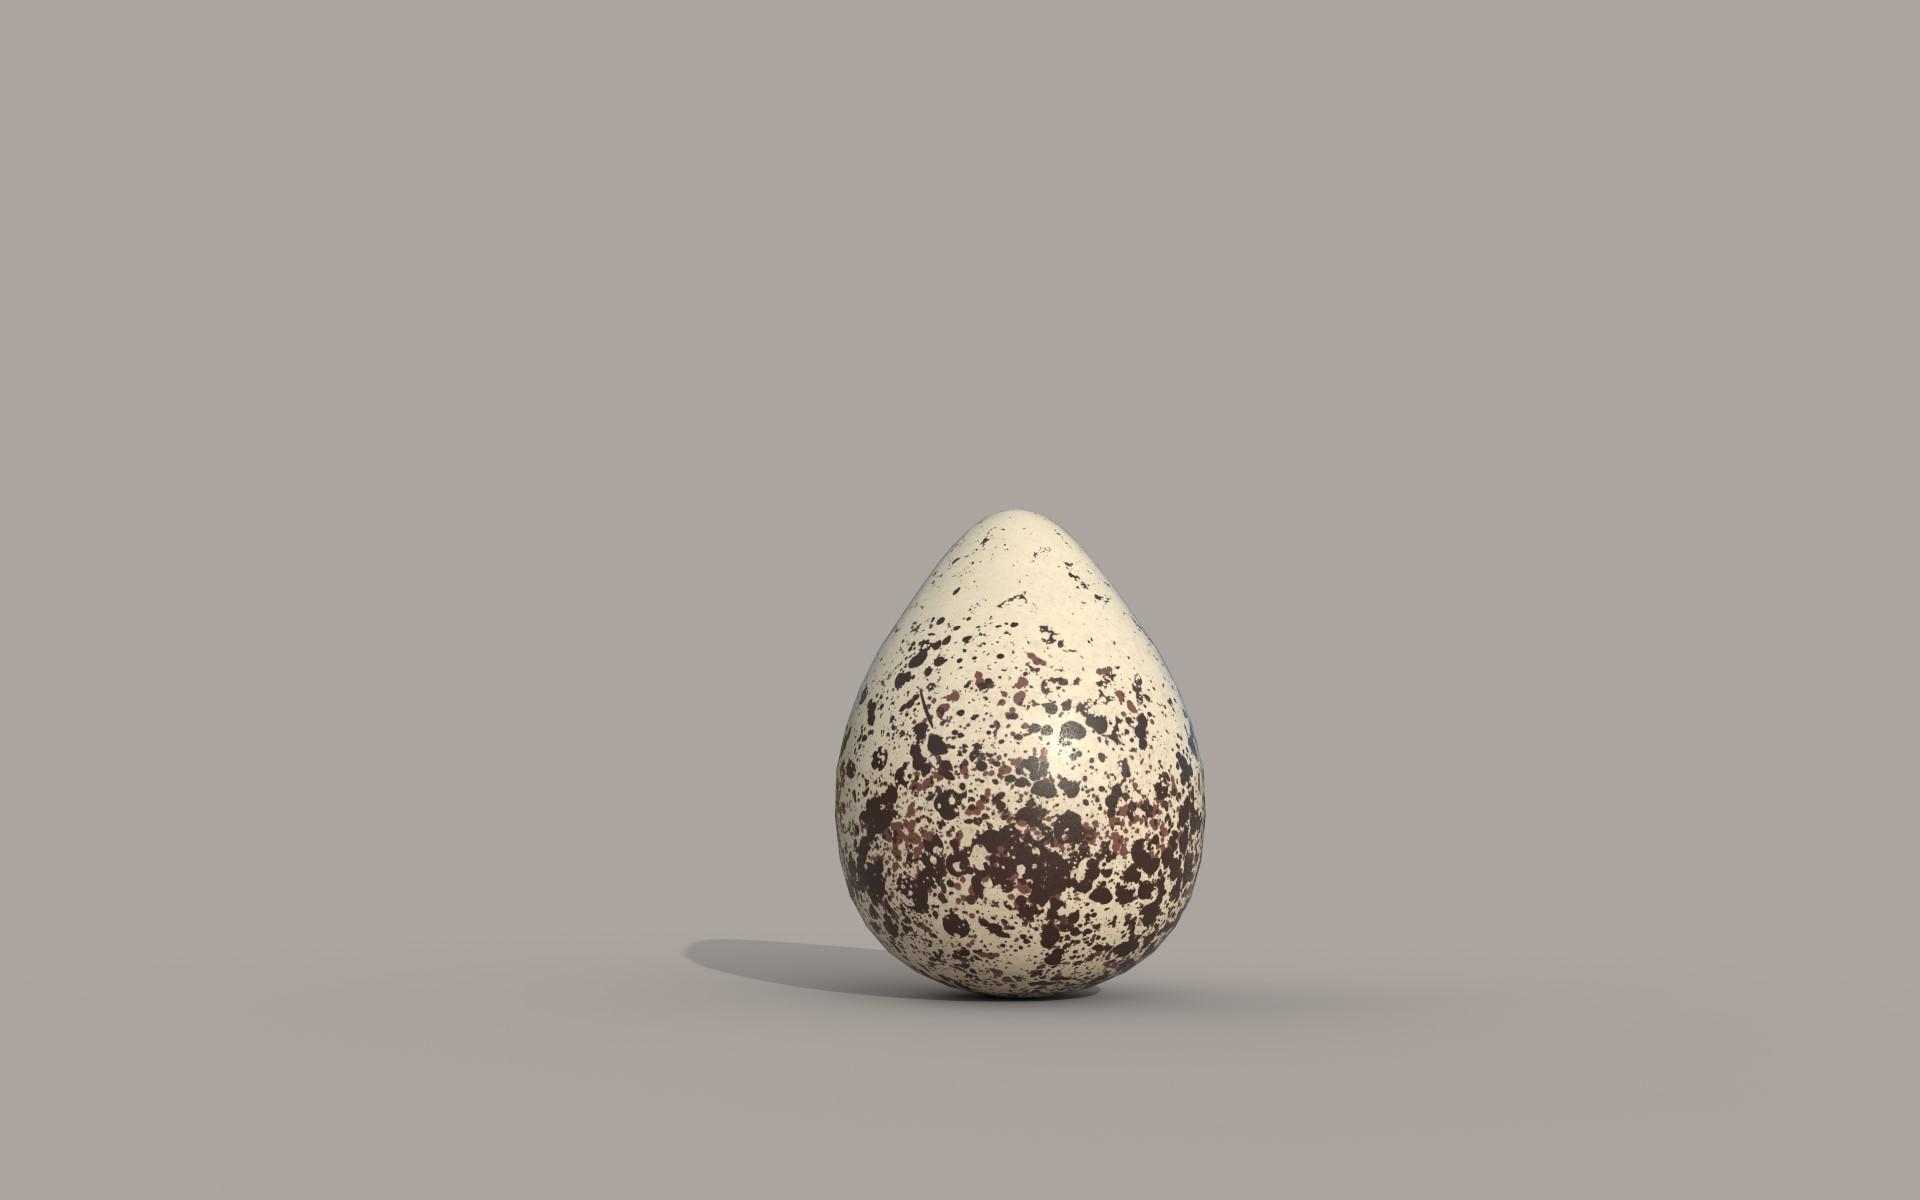 Kildeer Egg